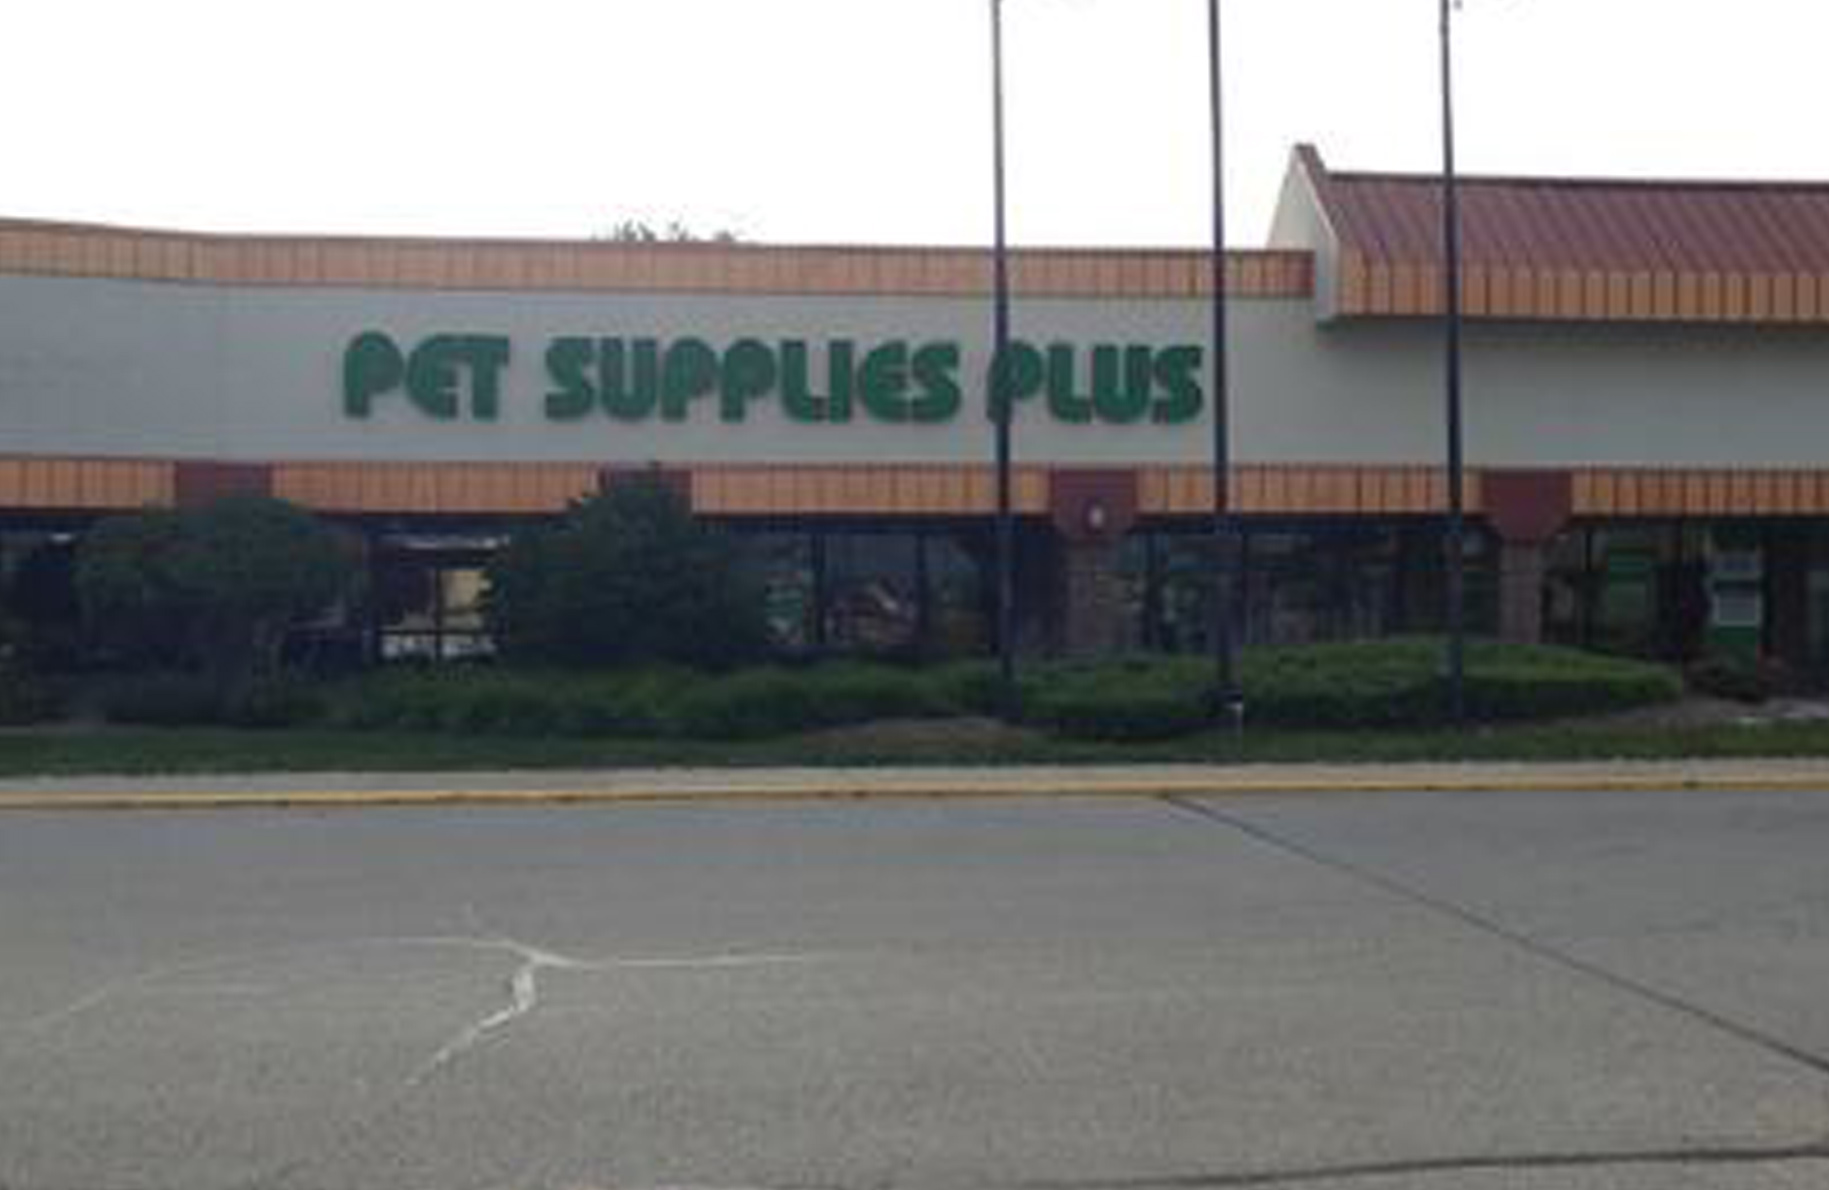 Meet & Greet at Pet Supplies Plus